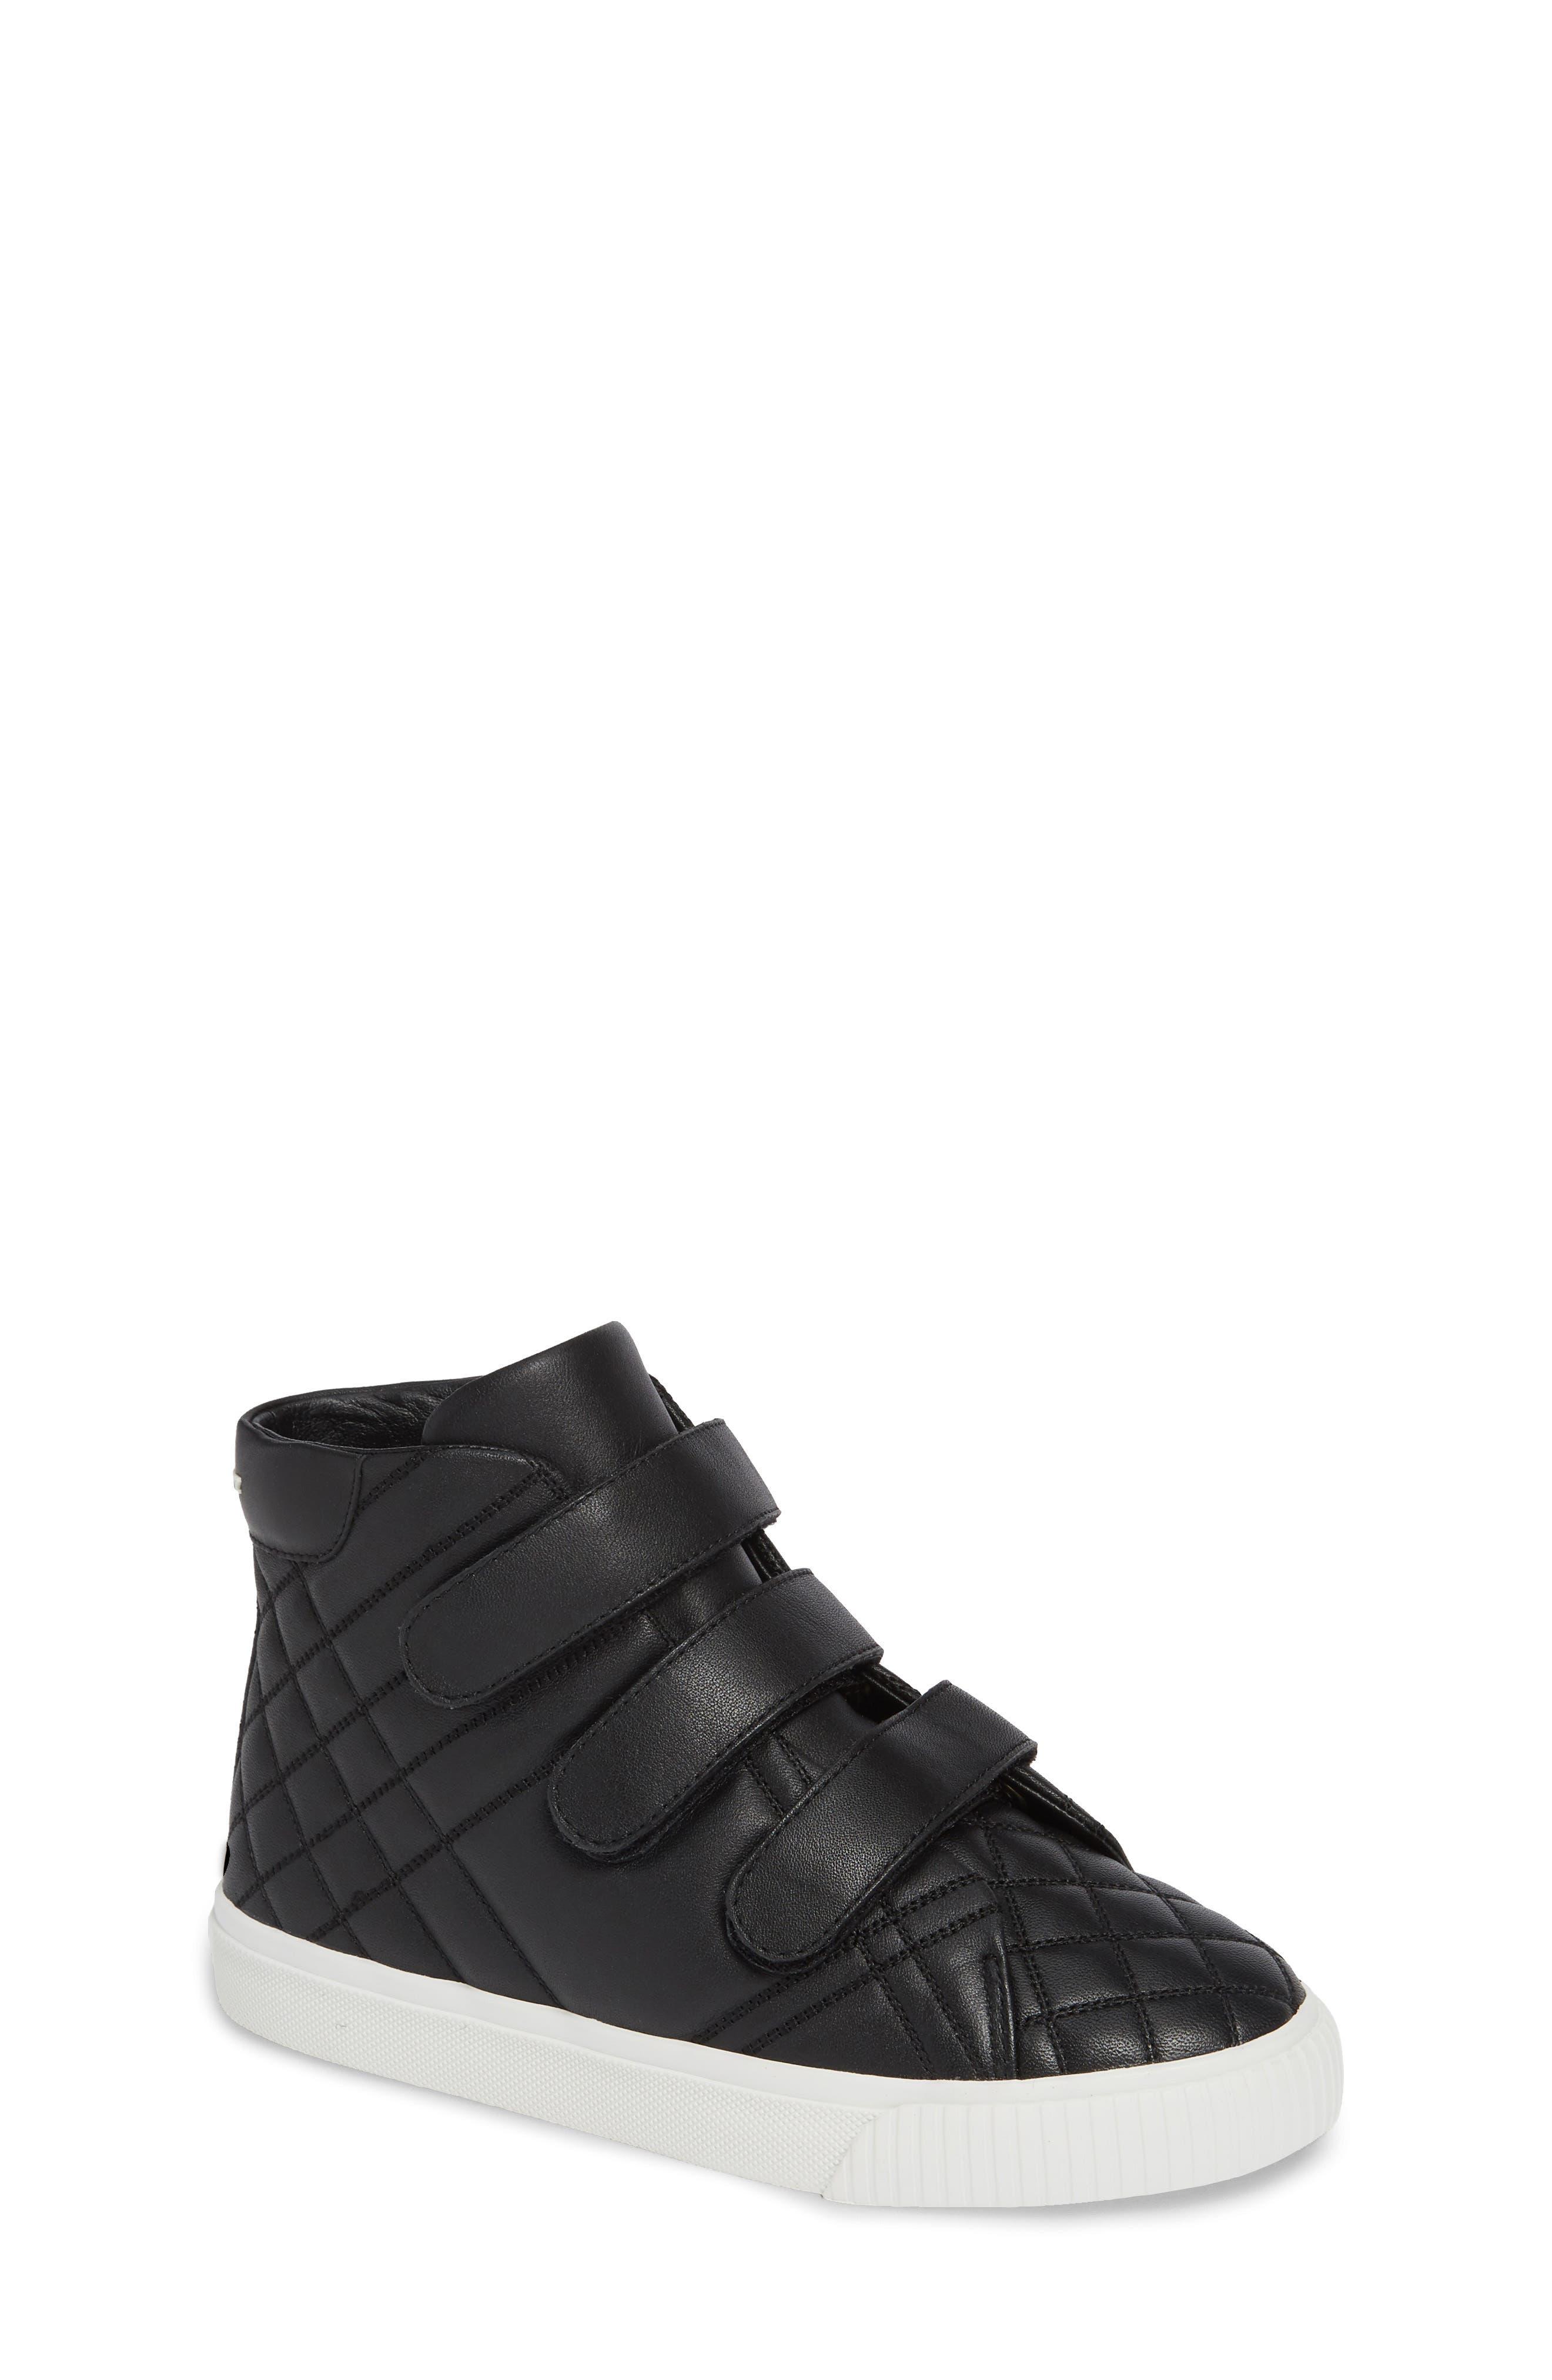 Sturrock Hi Top Sneaker,                         Main,                         color, BLACK